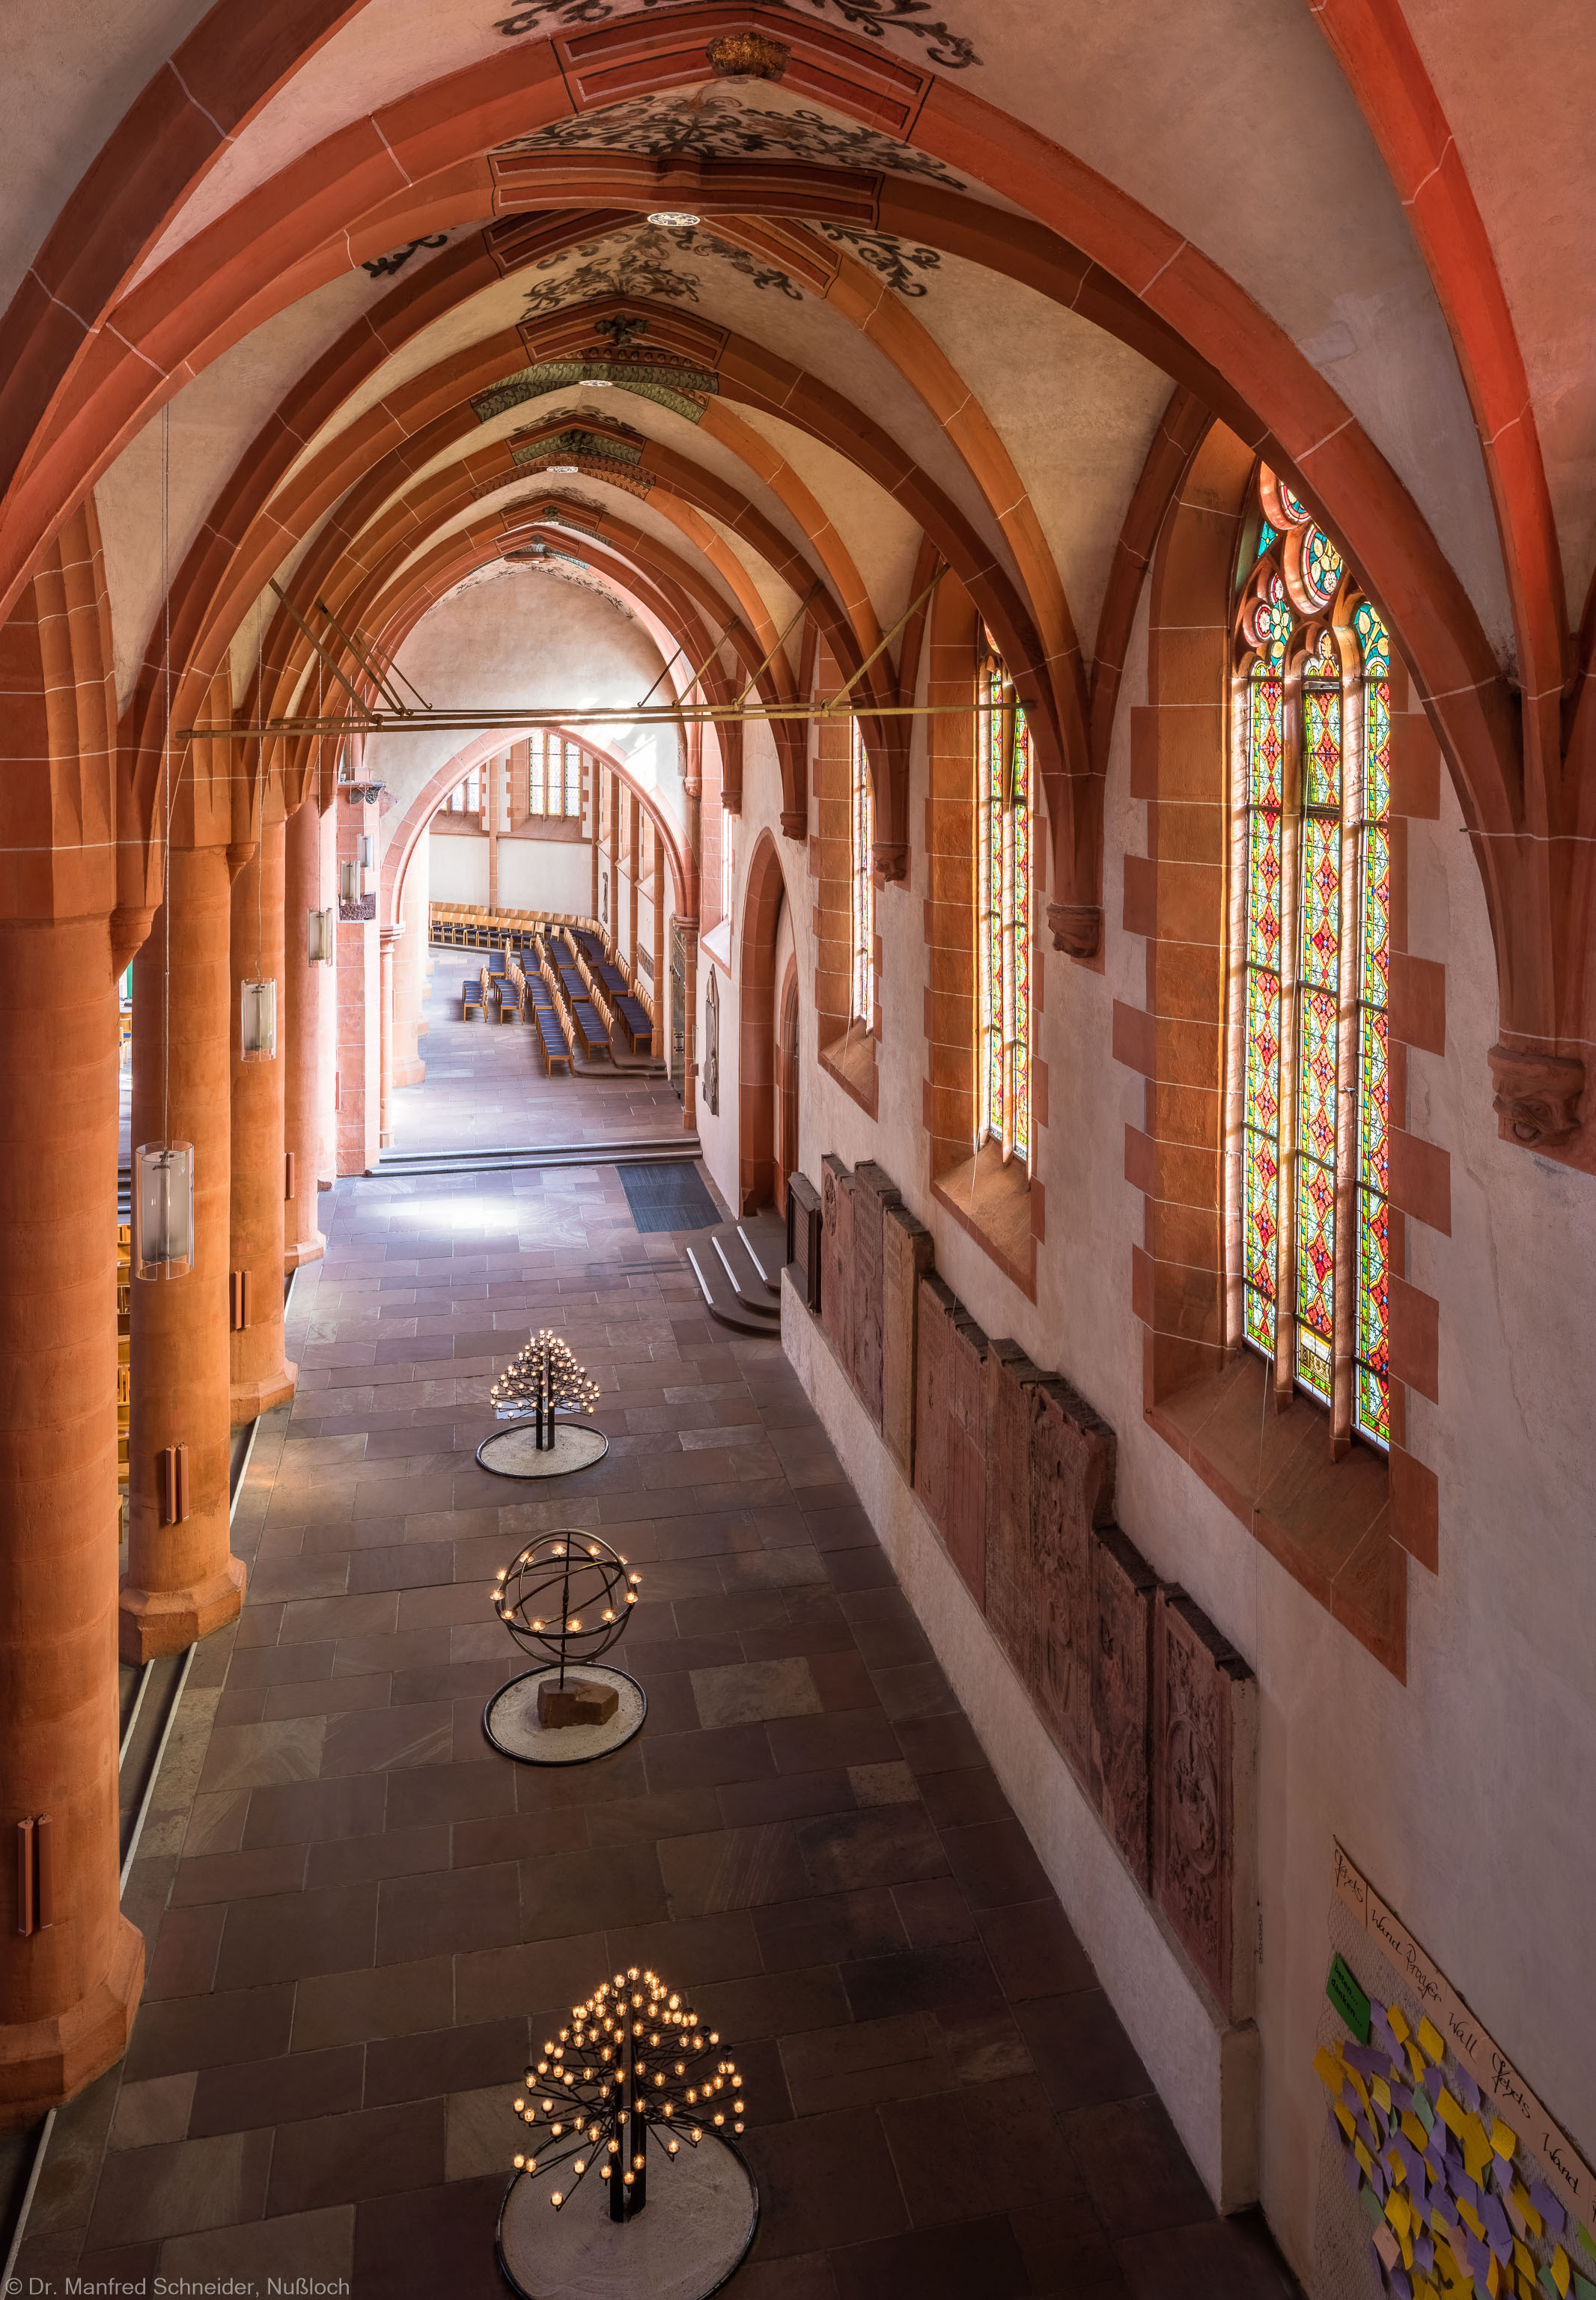 Heidelberg - Heiliggeistkirche - Südschiff - Blick von der südlichen Zwischenempore auf das Schiff und in den Chor (aufgenommen im Oktober 2015, am Nachmittag)